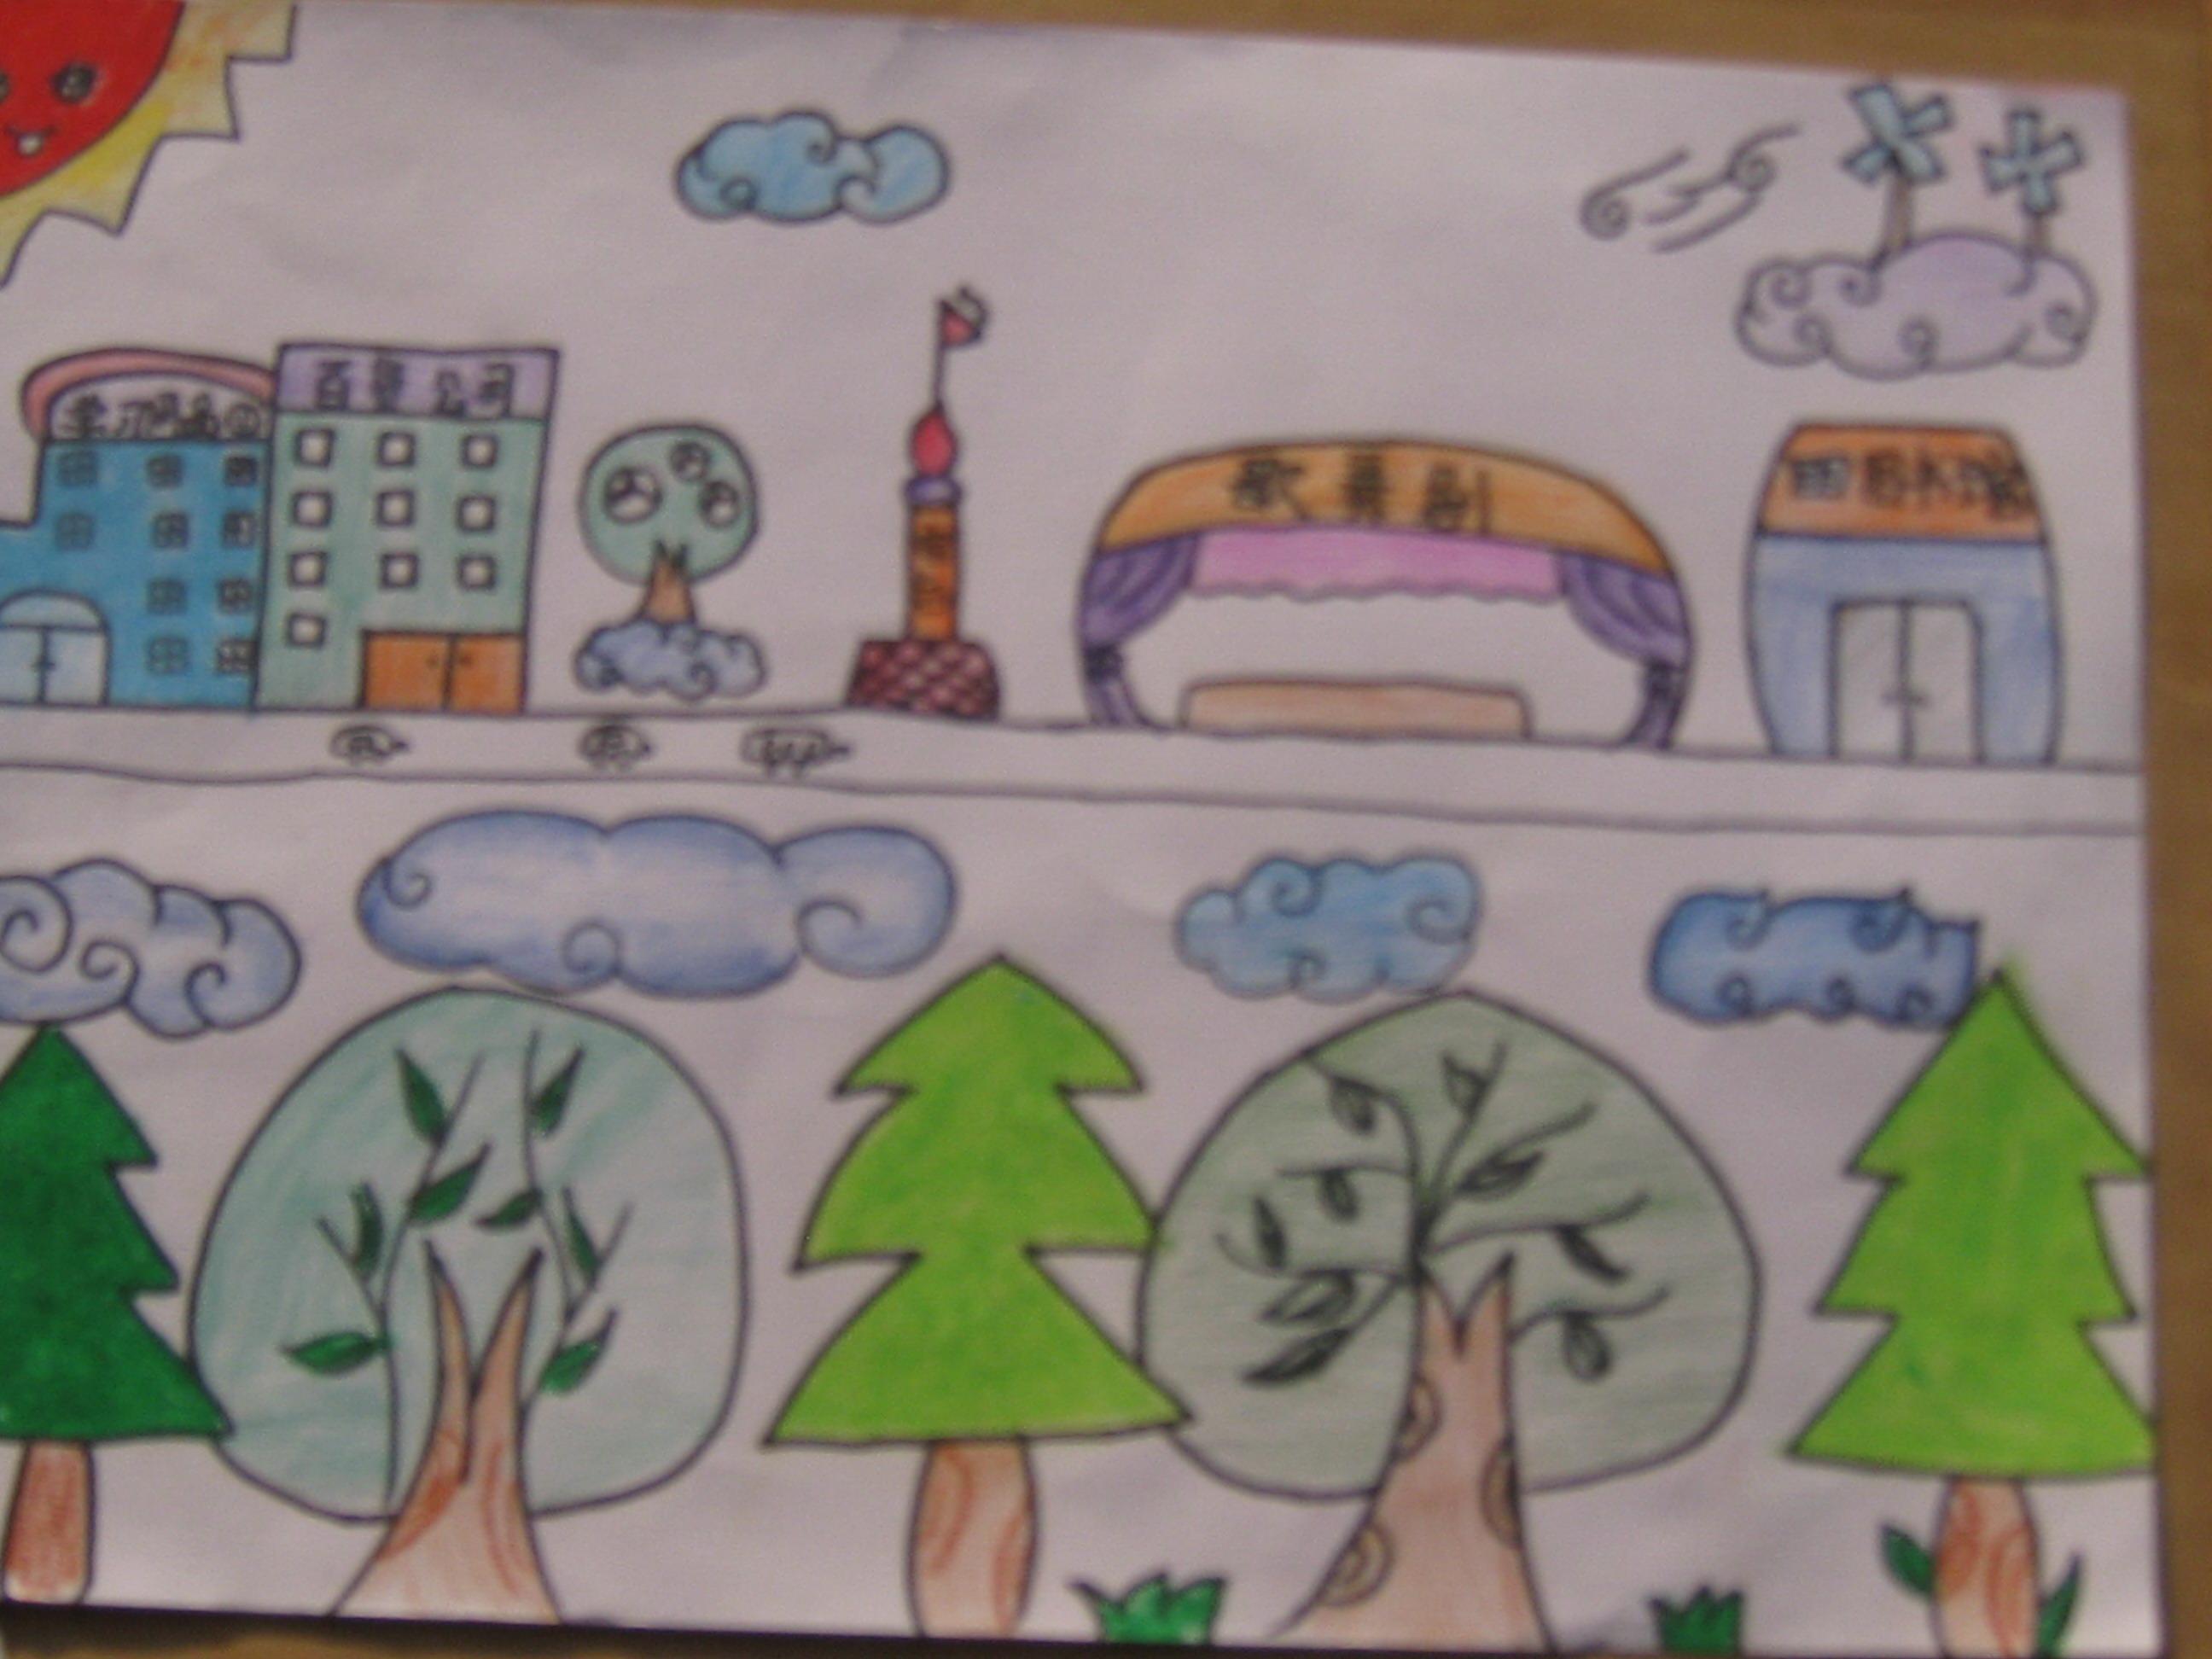 过年儿童画,美丽公主画画图片大全,获奖美丽幼儿简笔画